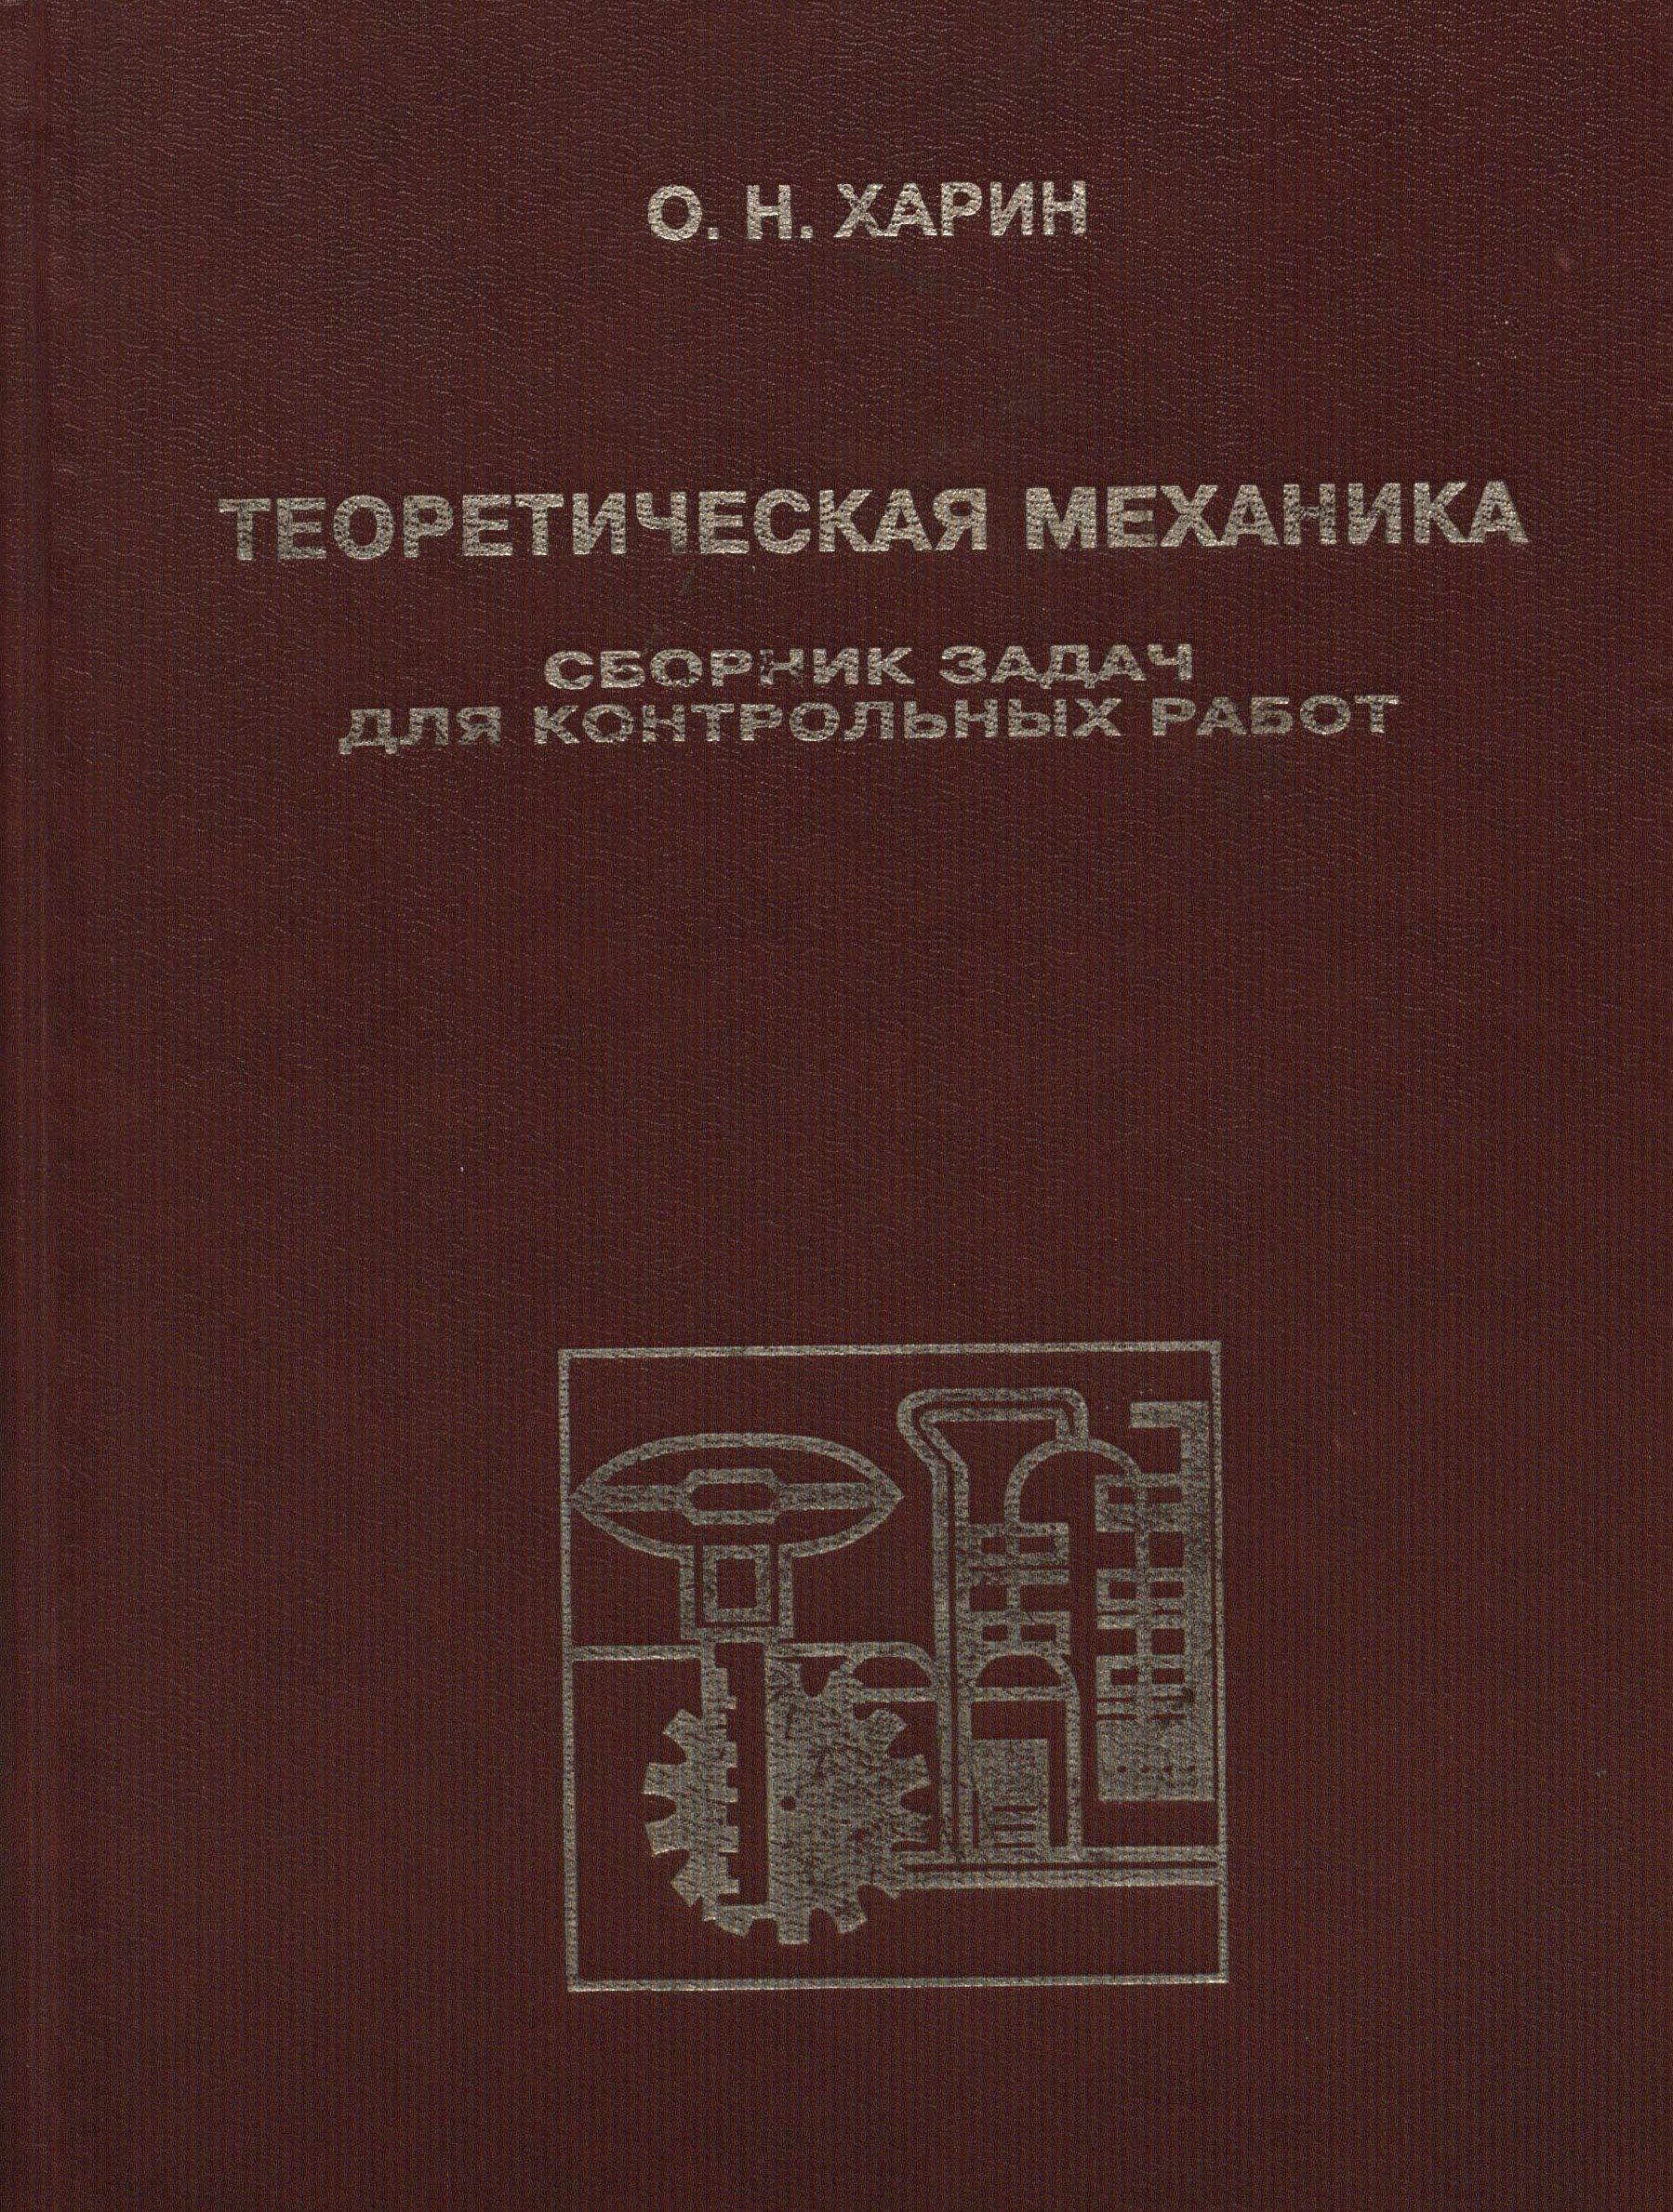 Теоретическая механика Сборник задач для контрольных работ  Сборник задач для контрольных работ